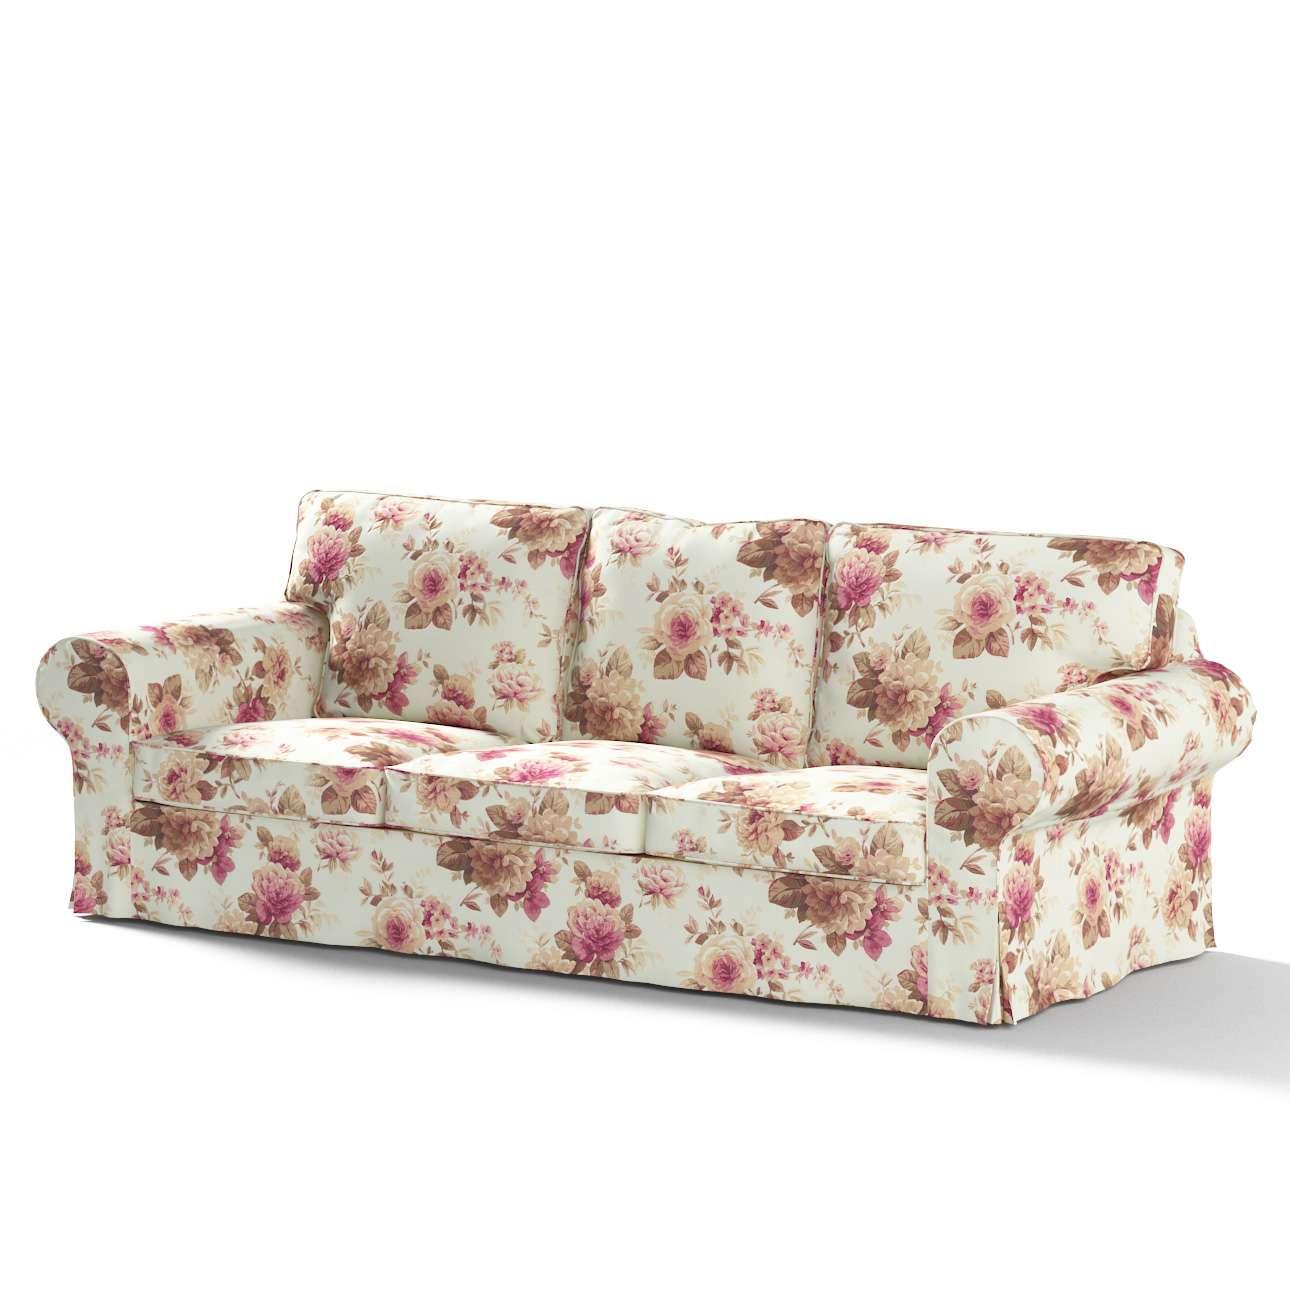 Ektorp trivietės sofos užvalkalas Ektorp trivietės sofos užvalkalas kolekcijoje Mirella, audinys: 141-06